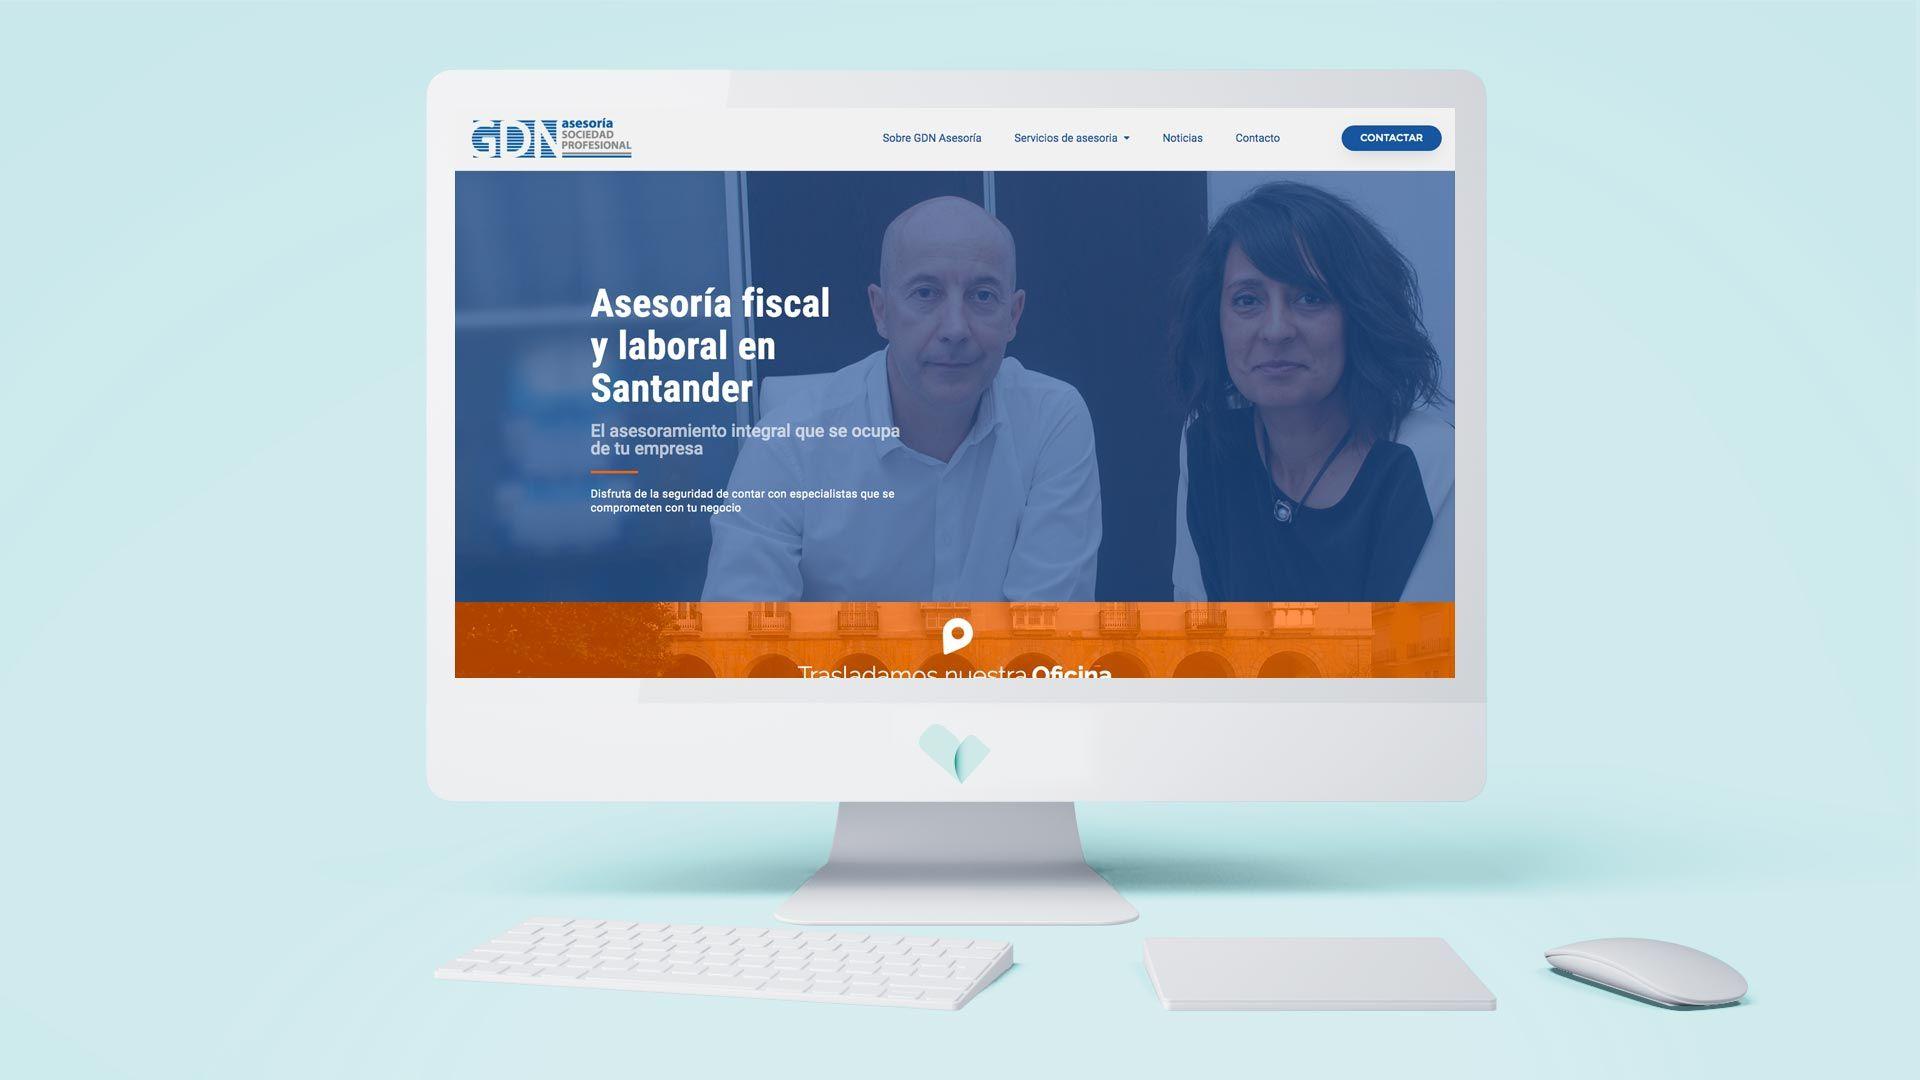 Pagina web GDN asesoria de Santander